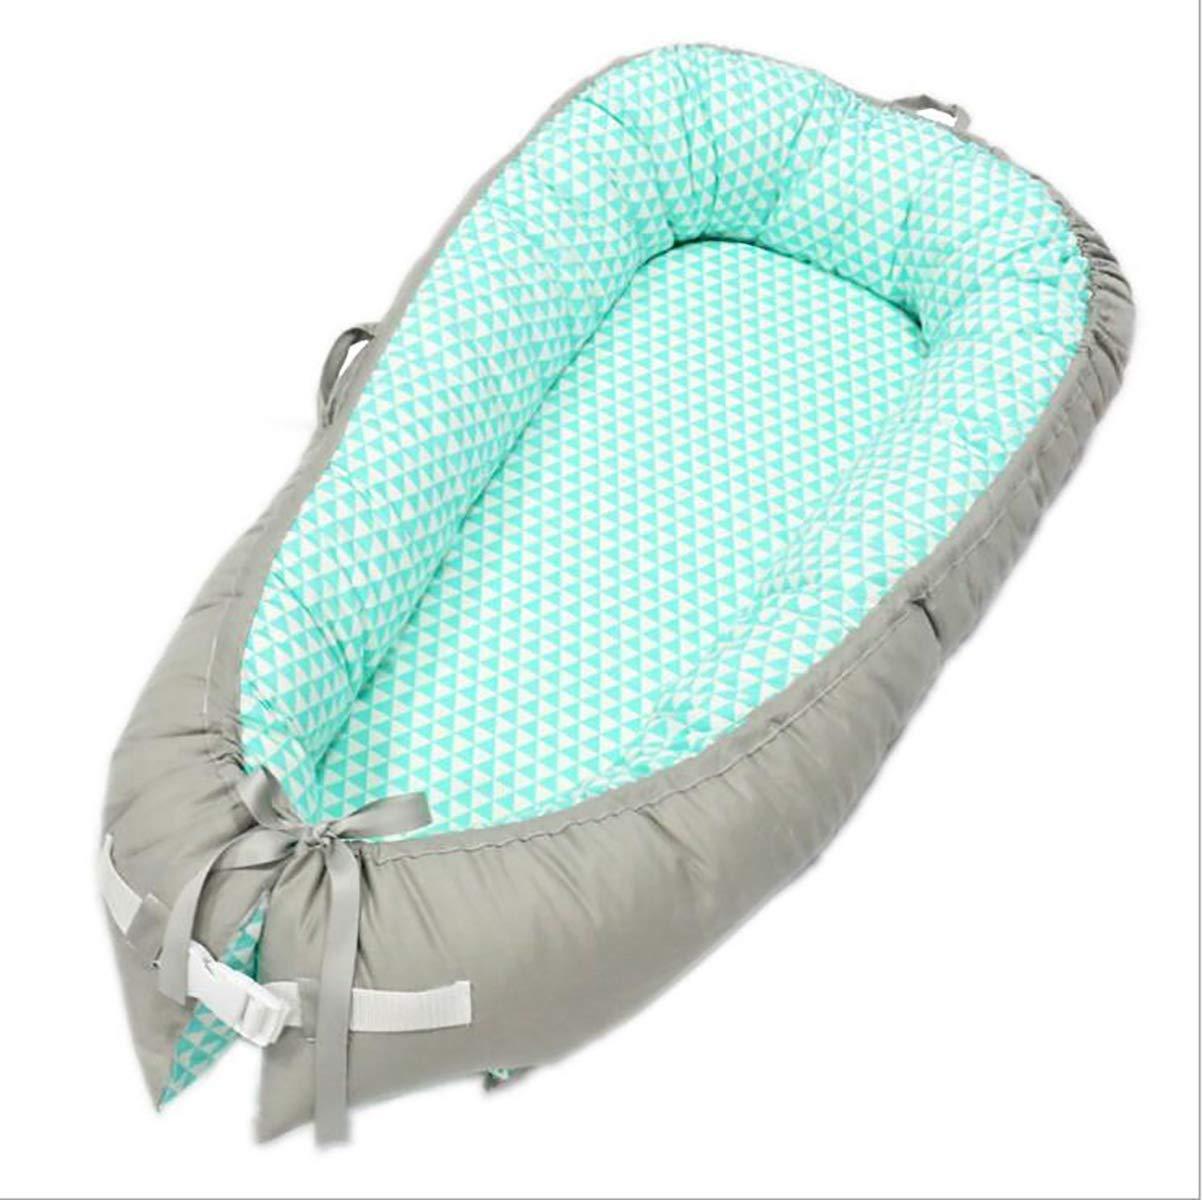 BABY NEST kuschelnest Bequeme weiche Tragbare Reisebett, 100% Baumwolle, Anti-Allergie, Externe Messungen  80 cm x 50 cm, 6, 80  50cm